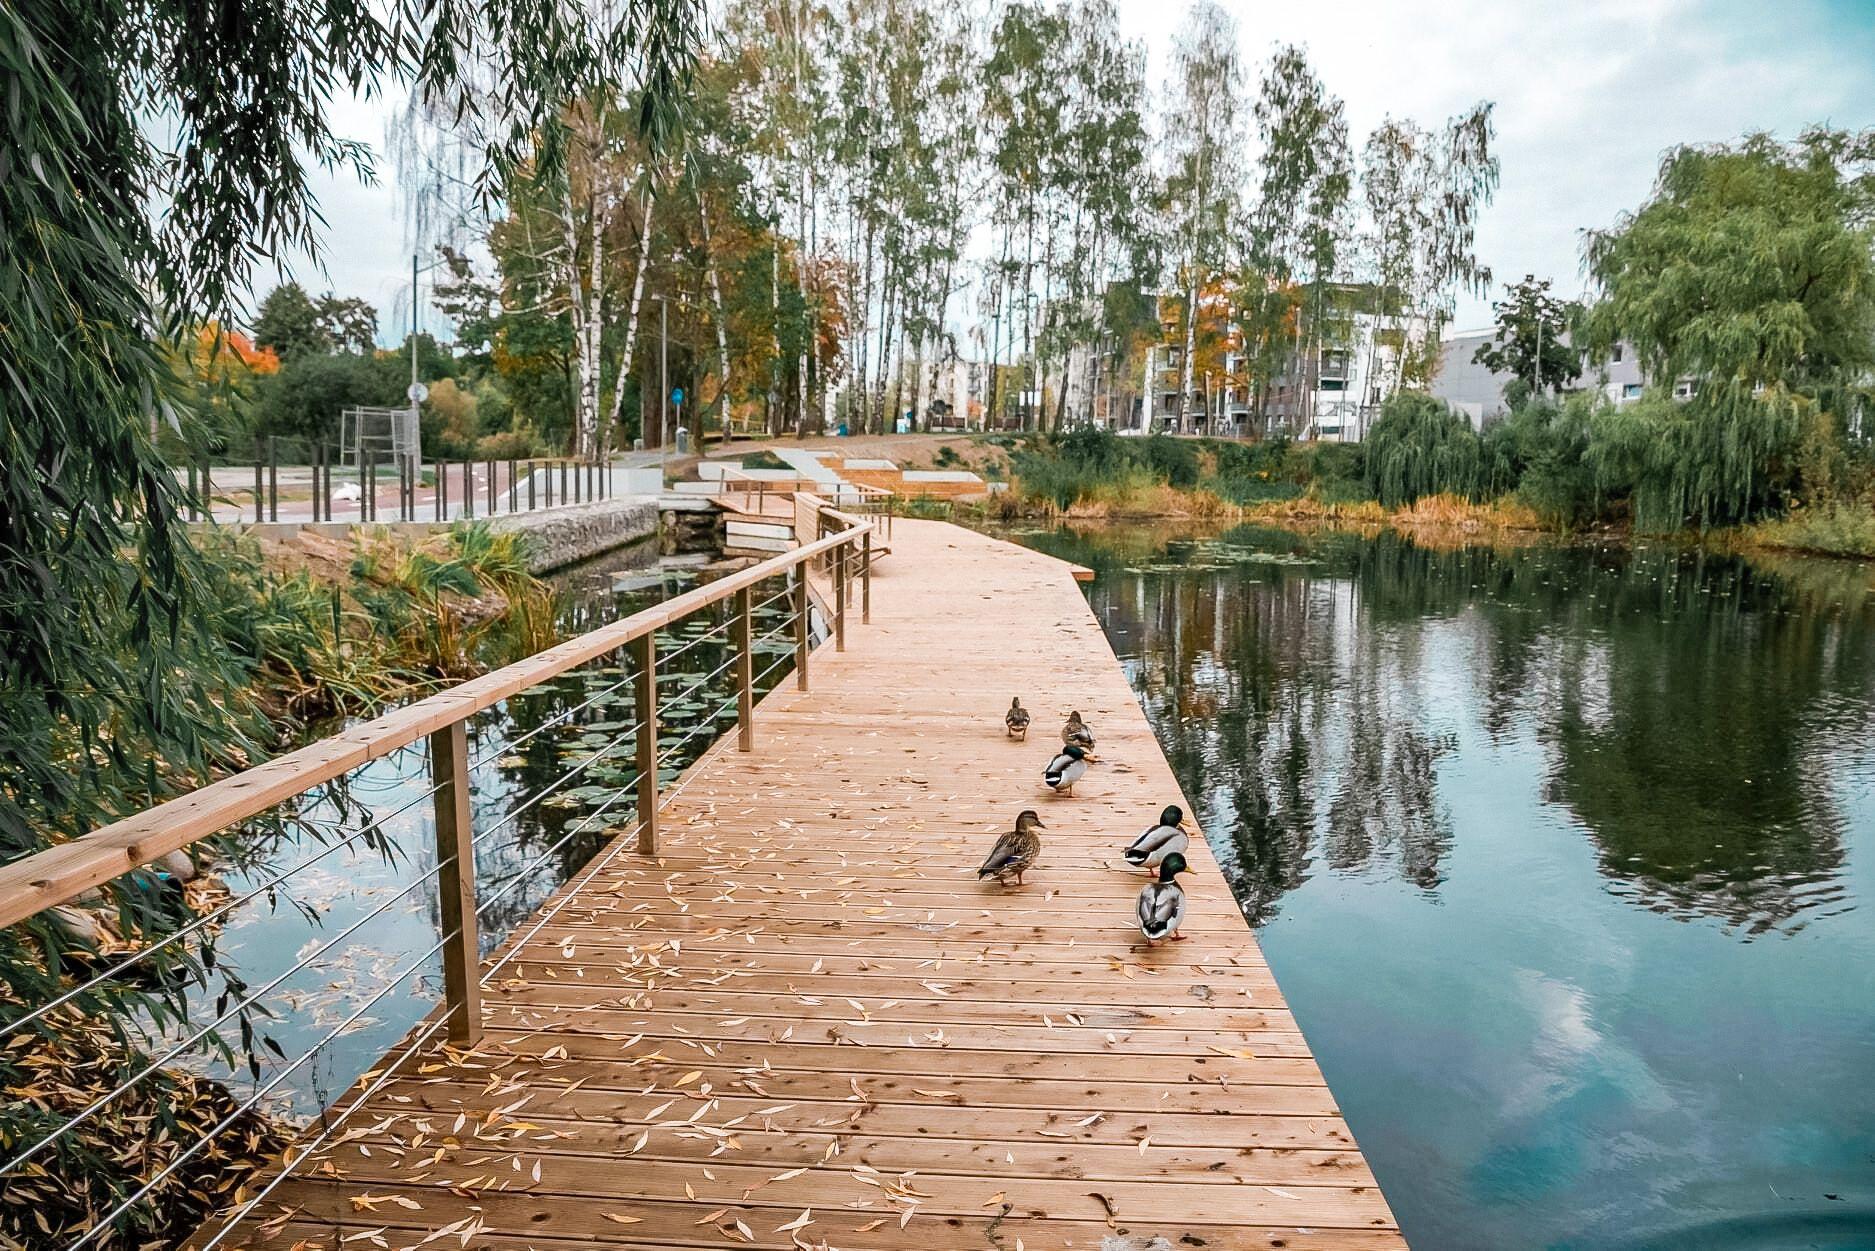 Neries senvagės parkas